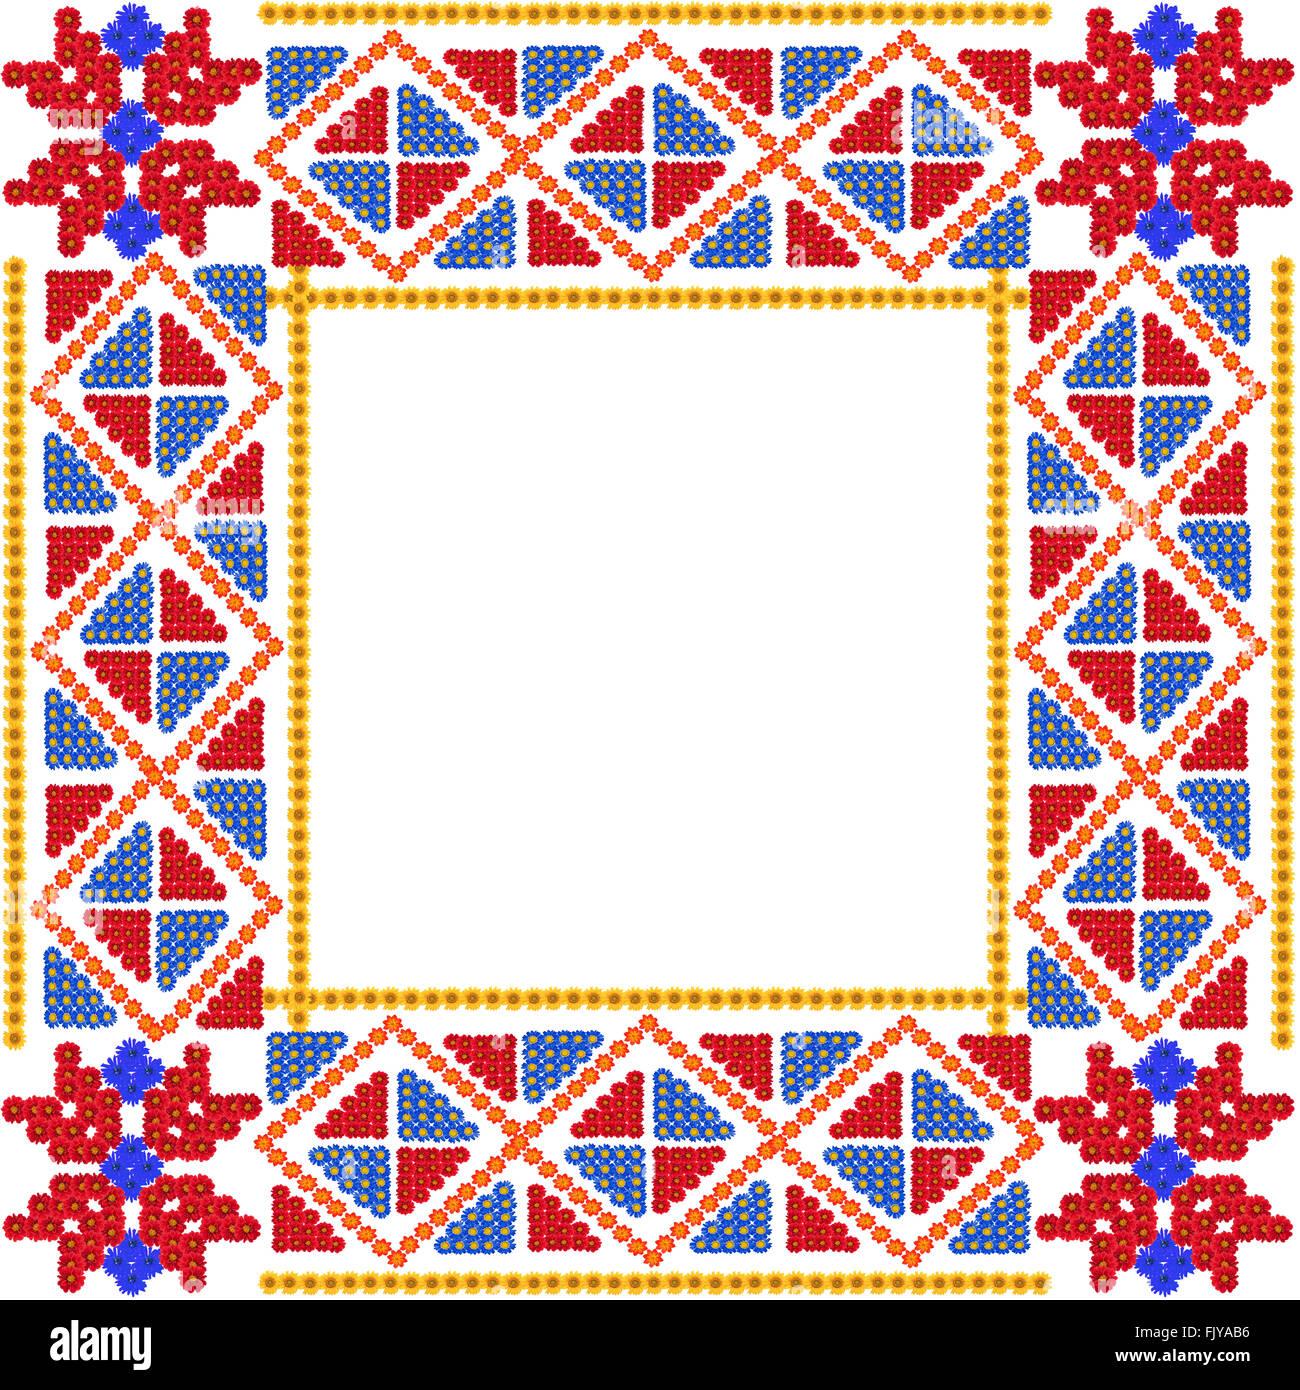 Mosaik Quadrat einfachen roten Rahmen im Village Stil hergestellt ...